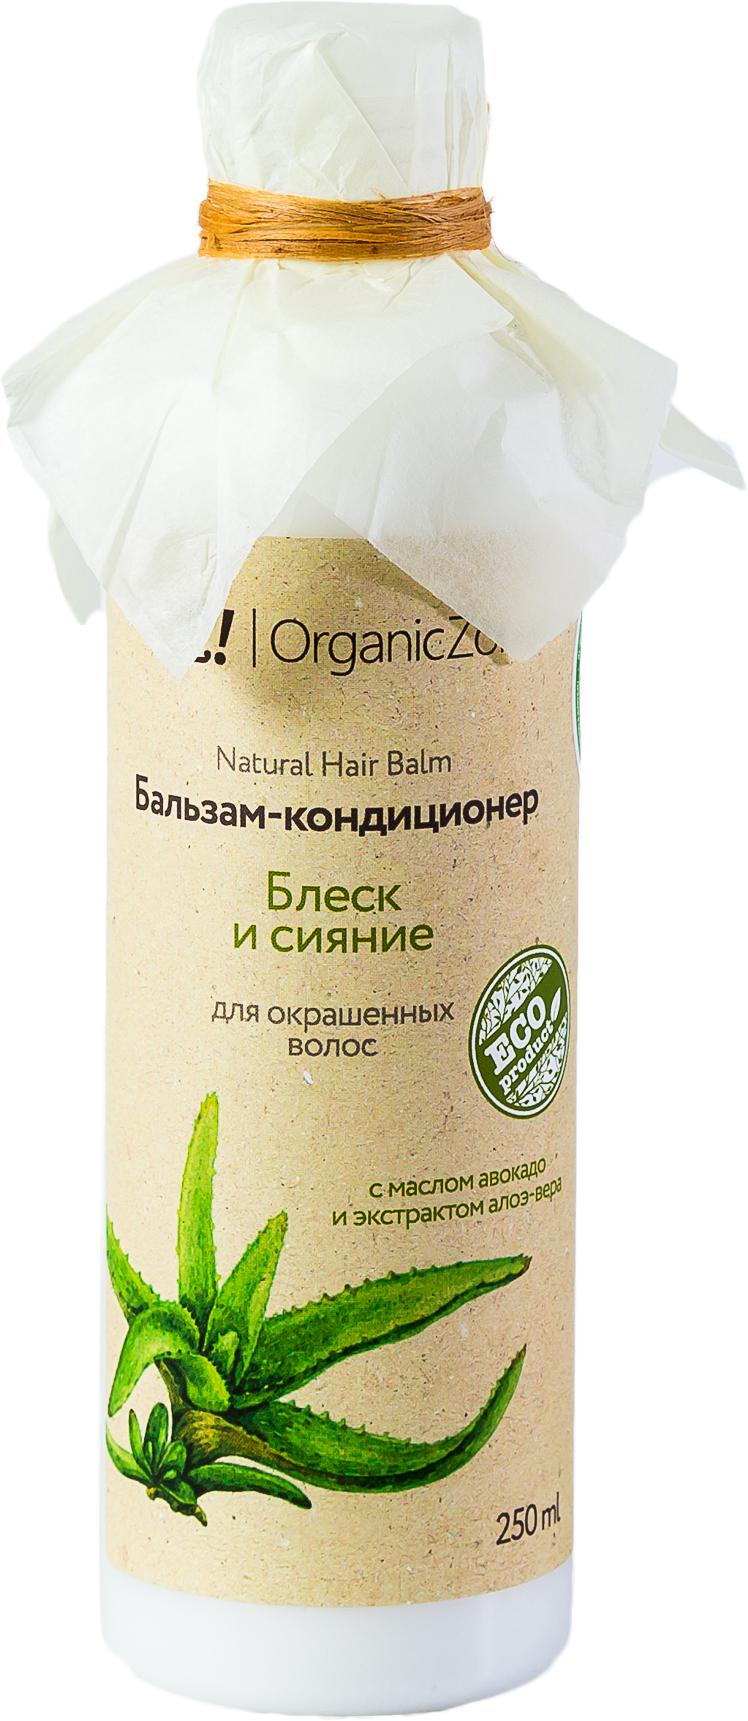 OrganicZone Бальзам для окрашенных волос Блеск и сияние, 250 мл4665301124341Масло авокадо бережно сохраняет цвет окрашенных волос, увлажняет, снабжая волосы важнейшими компонентами и заметно улучшая внешний вид. Экстракт алоэ вера возвращает волосам блеск и избавляет от ломкости и тусклости. Протеины шелка дарят волосам щедрое питание, сияние цвета, надежную защиту и разглаживающий эффект. Цветочные воды розы, полыни, лопуха и сосны восстанавливают и питают окрашенные волосы. Масло ши особенно полезно для окрашенных и химически поврежденных волос, насыщает их ценными микро- и макроэлементами.